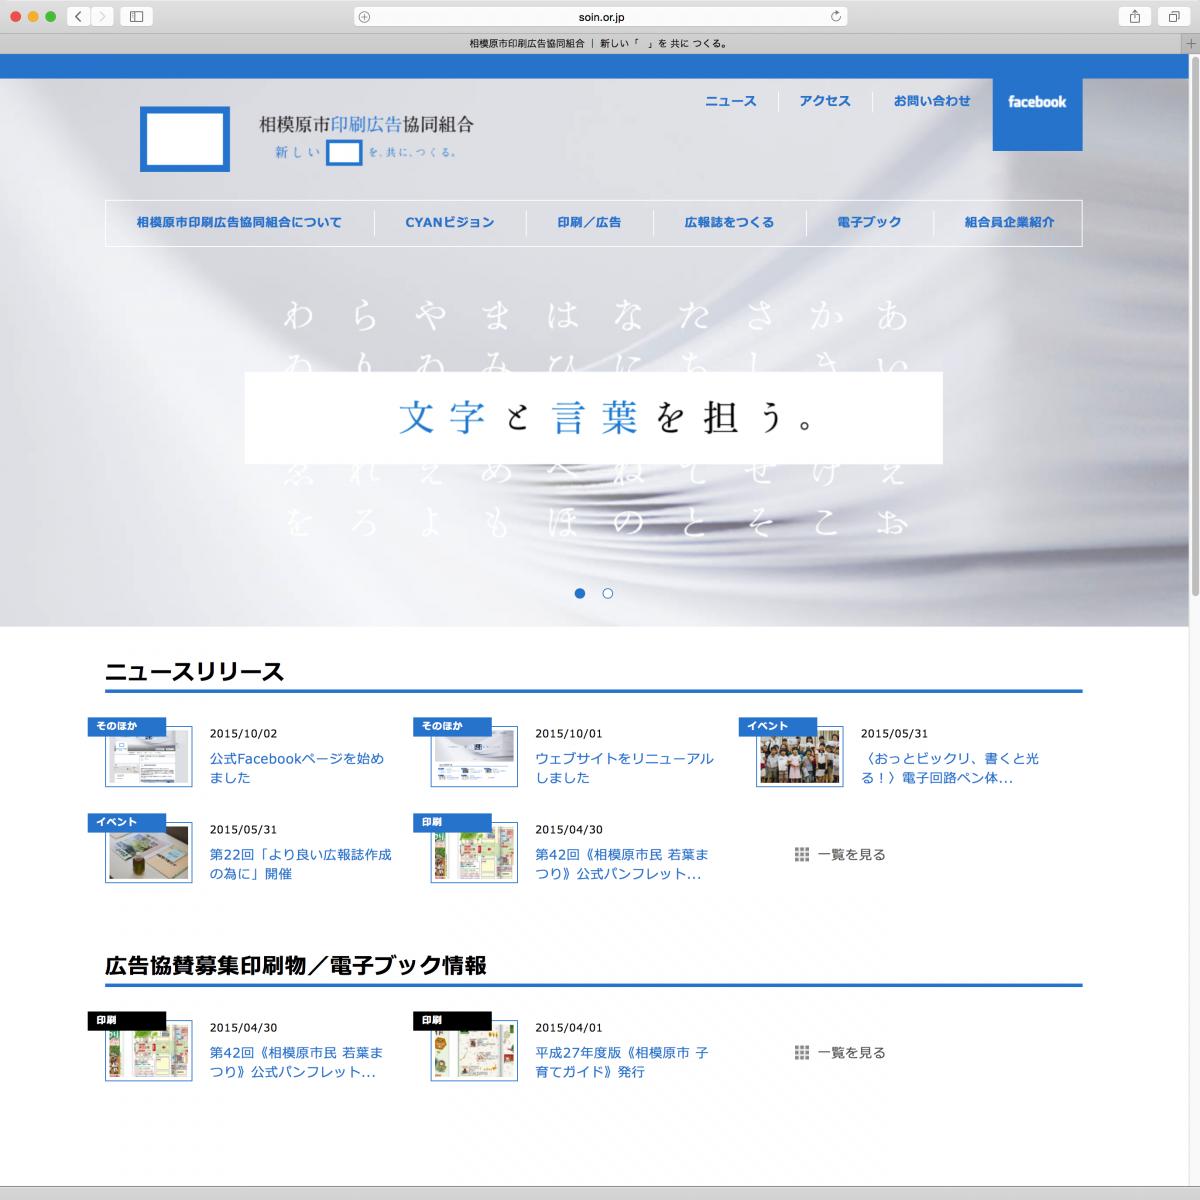 相模原市印刷広告協同組合|ヴィジョン策定 ウェブデザイン コーポレートロゴデザイン 写真|神奈川県相模原市